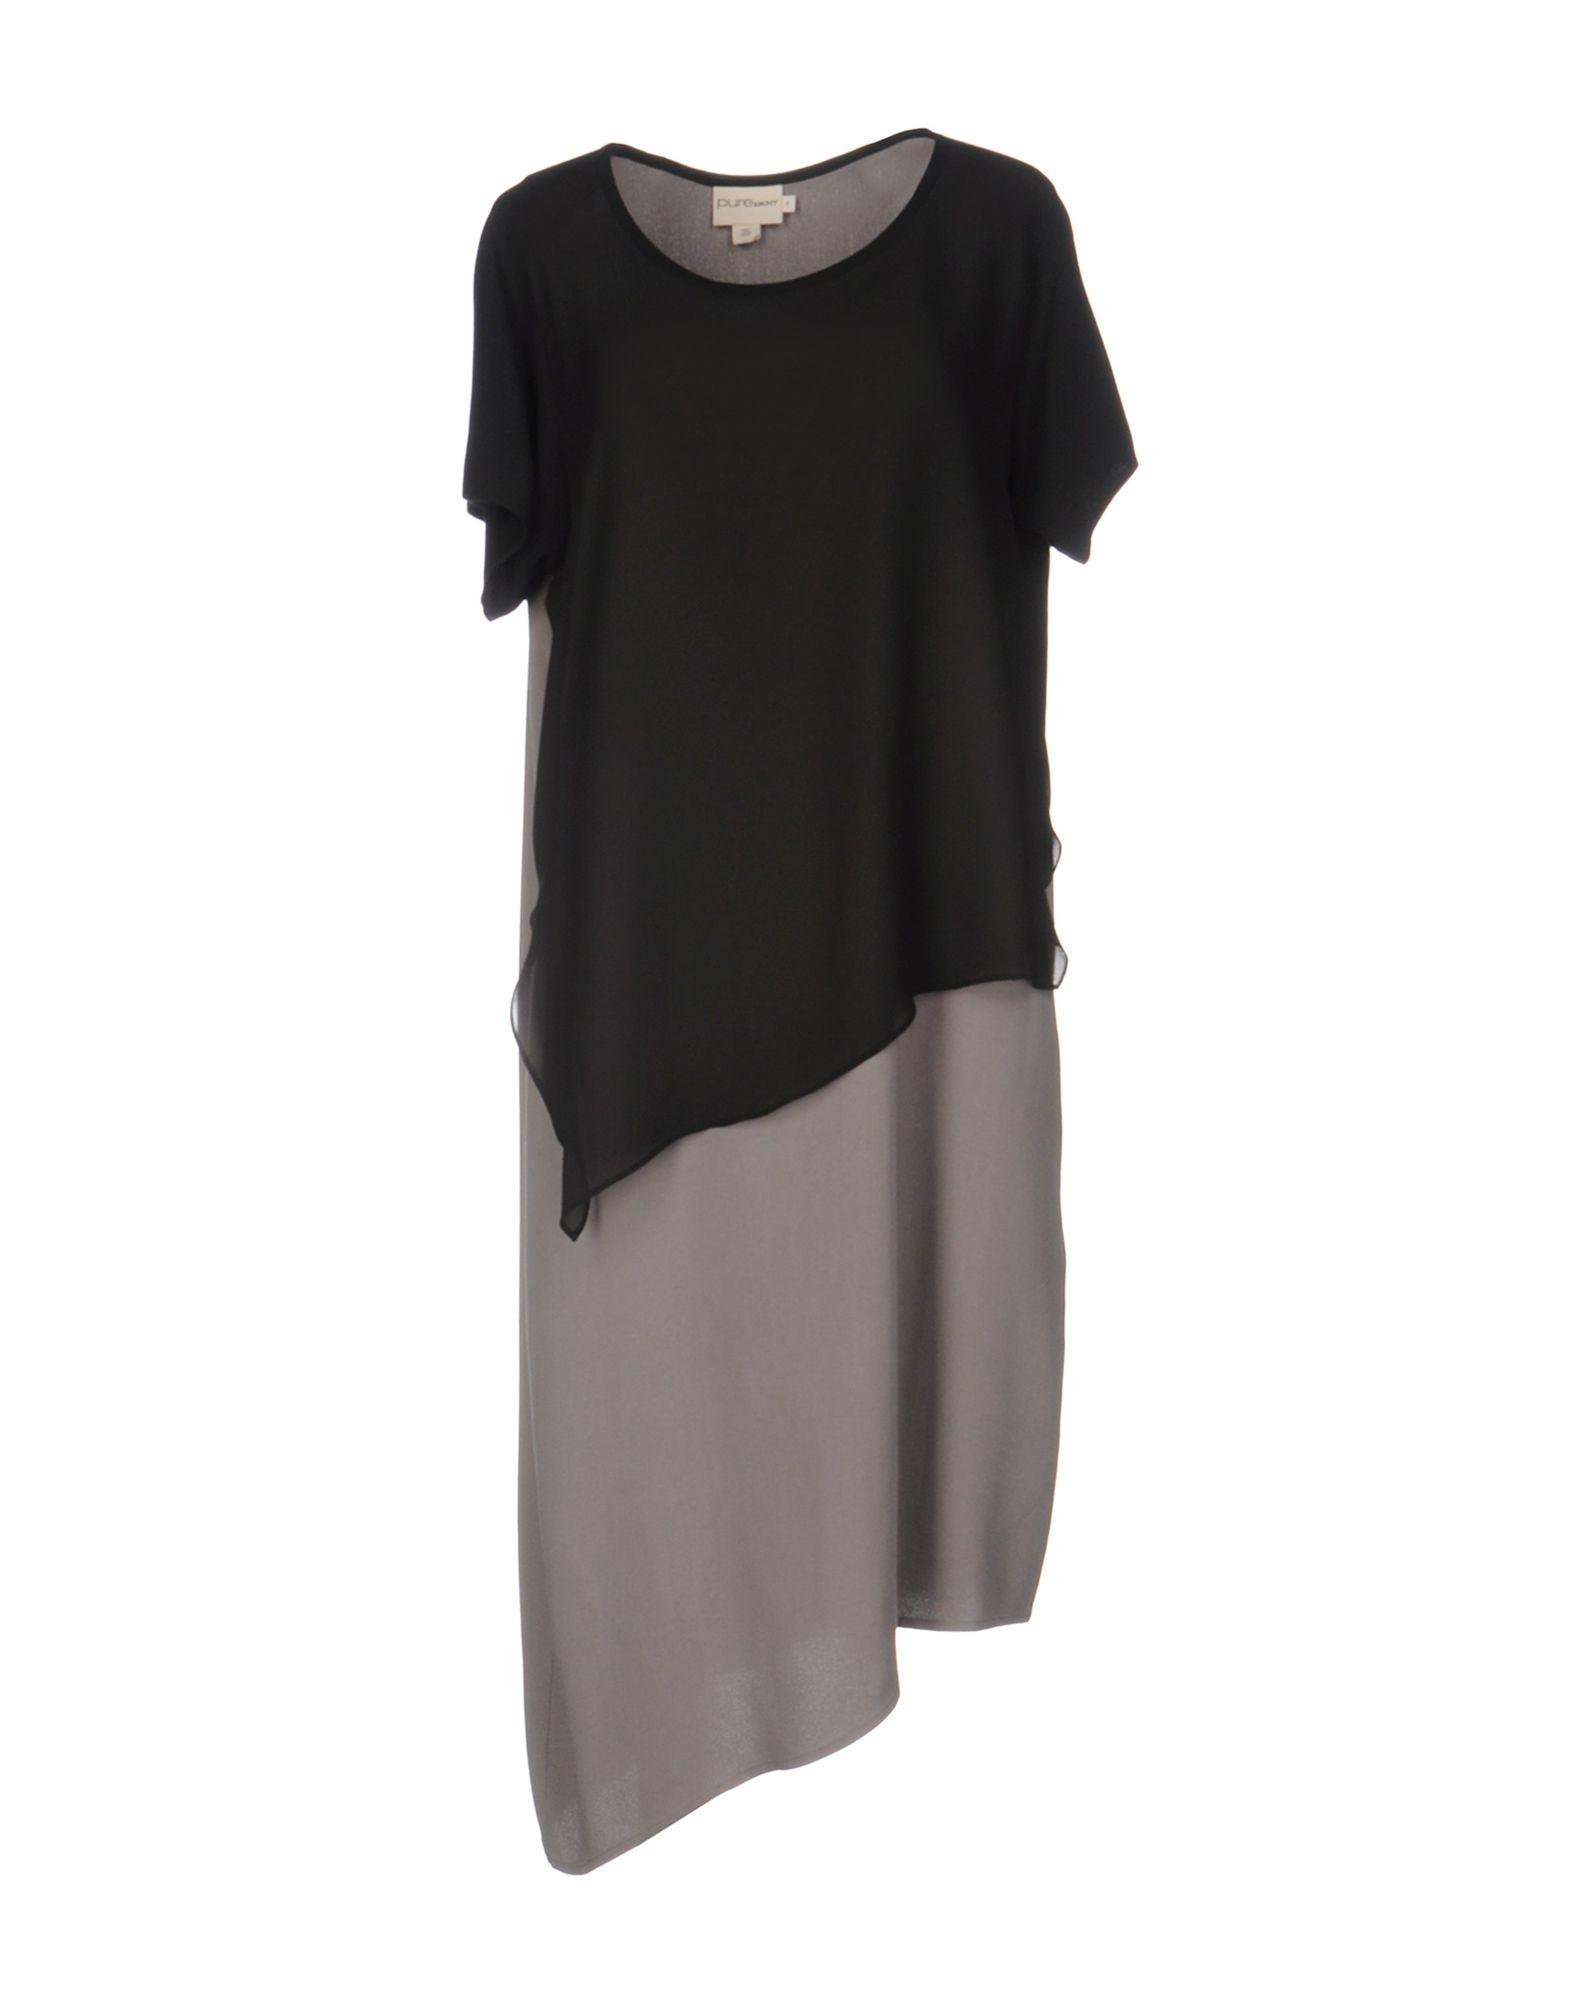 17 Coolste Kleid Schwarz Baumwolle für 201920 Leicht Kleid Schwarz Baumwolle Spezialgebiet